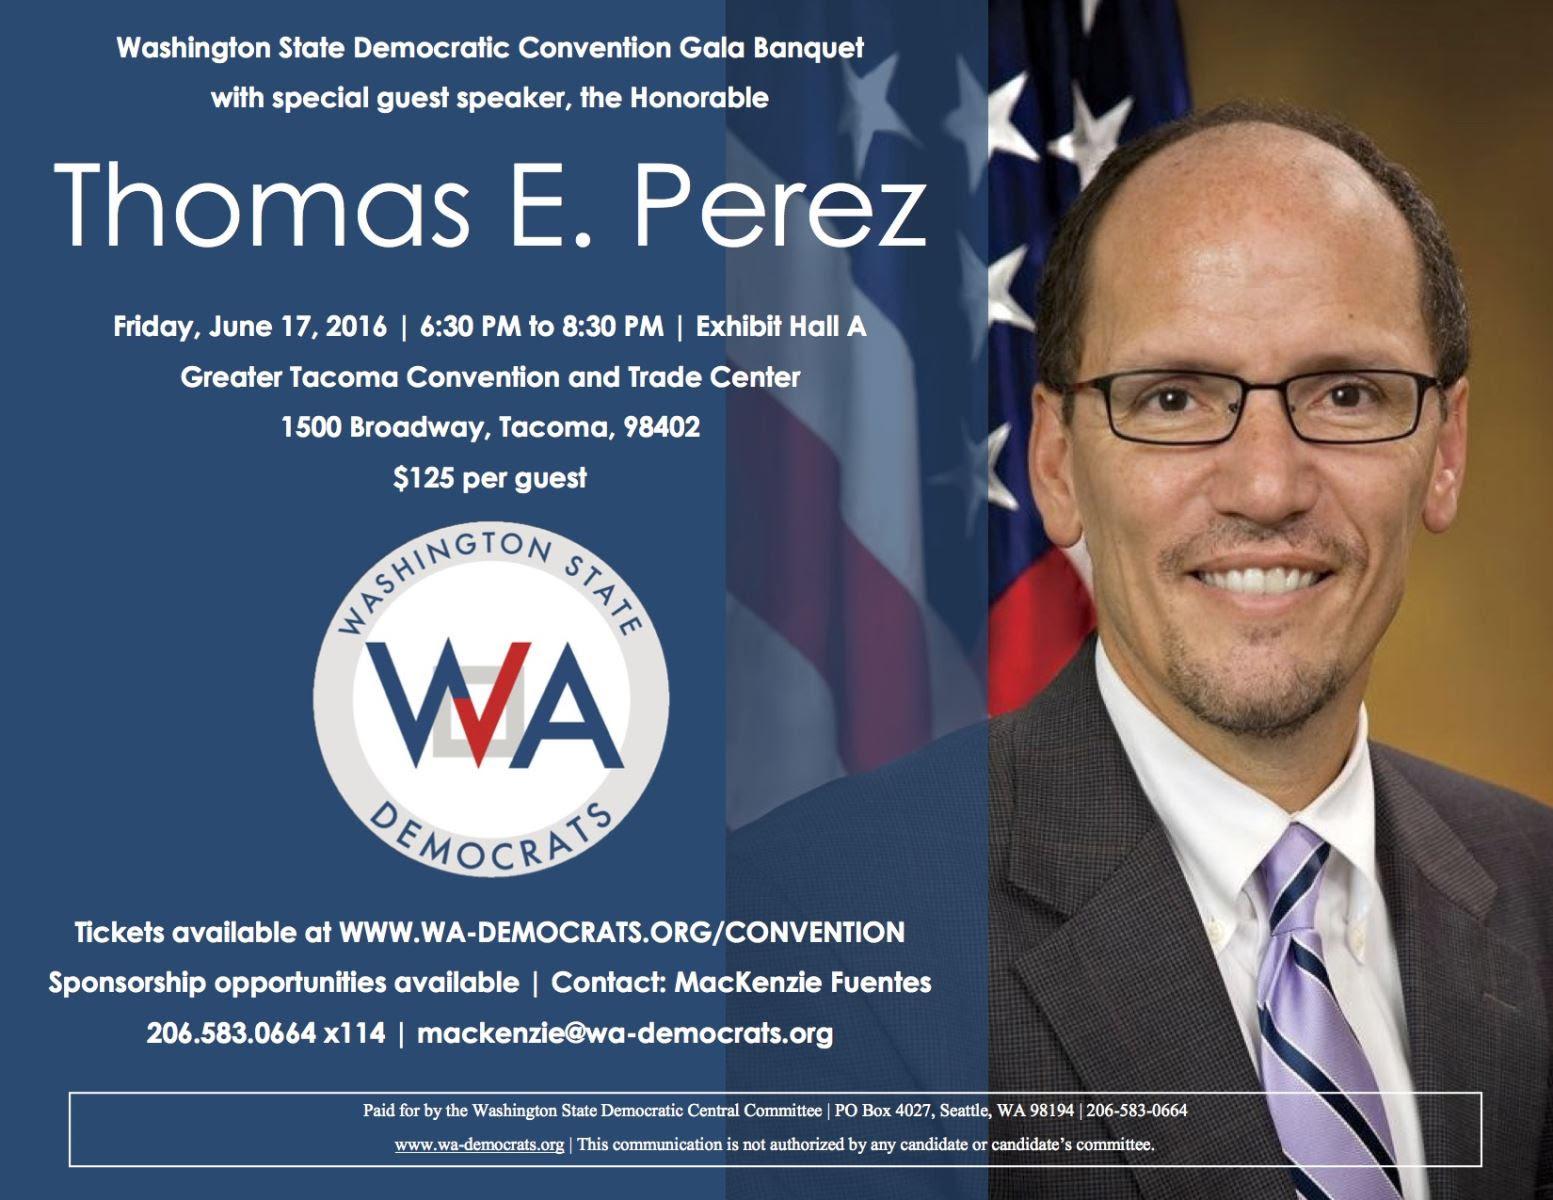 Meet Thomas E. Perez